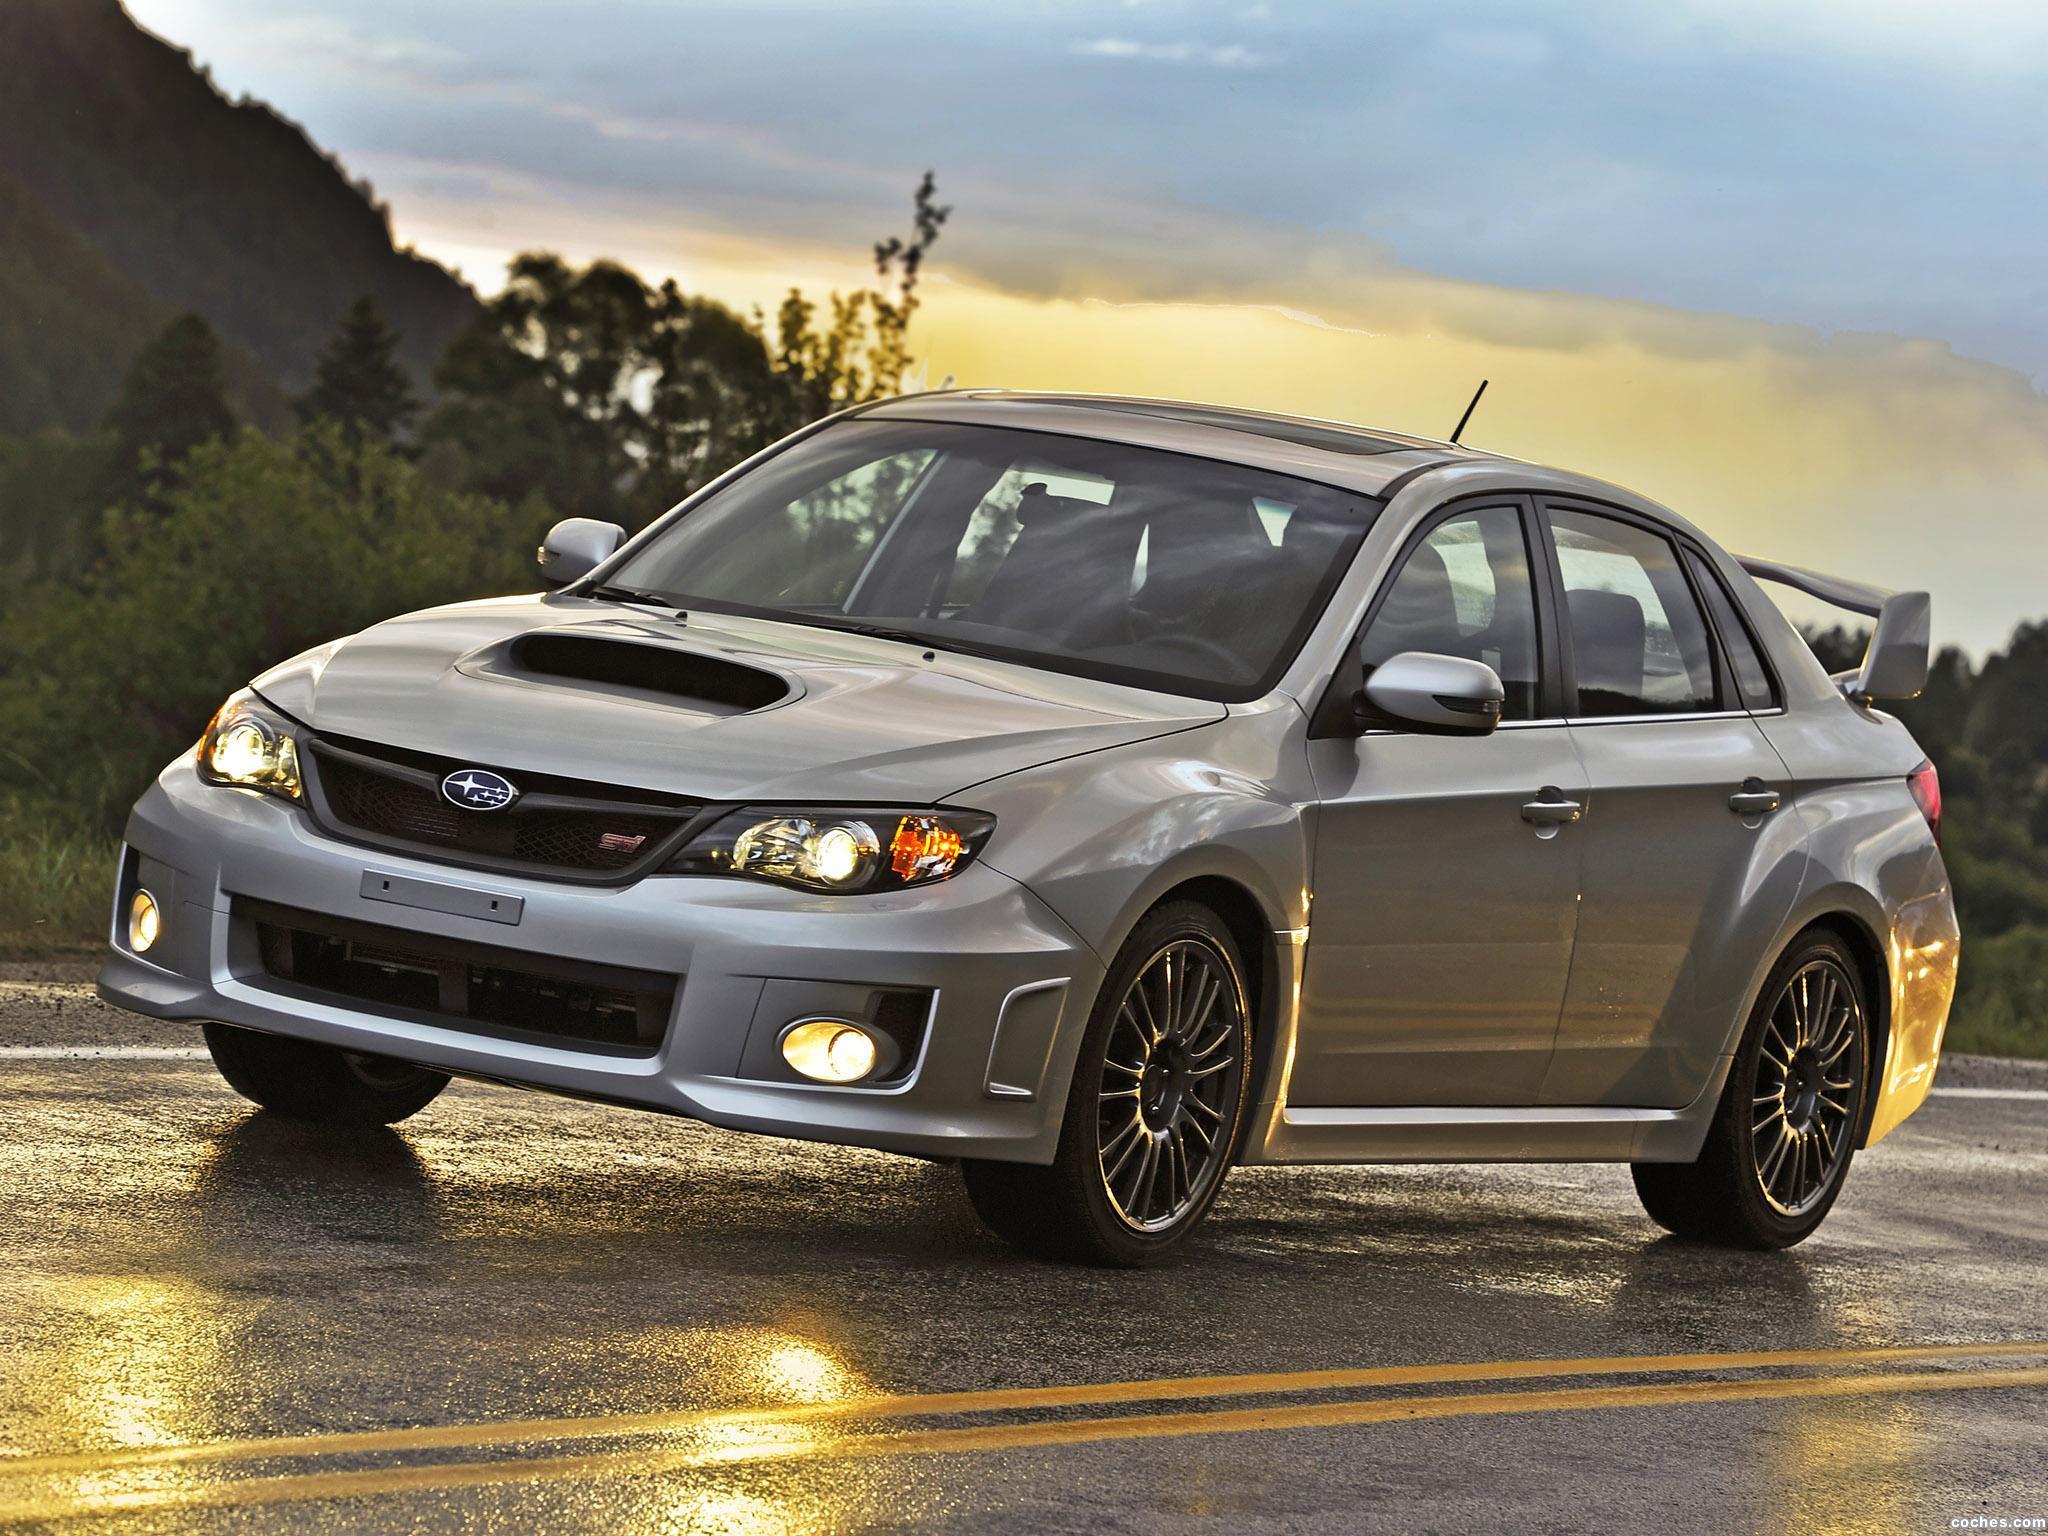 Foto 9 de Subaru Impreza WRX STi Sedan USA 2010